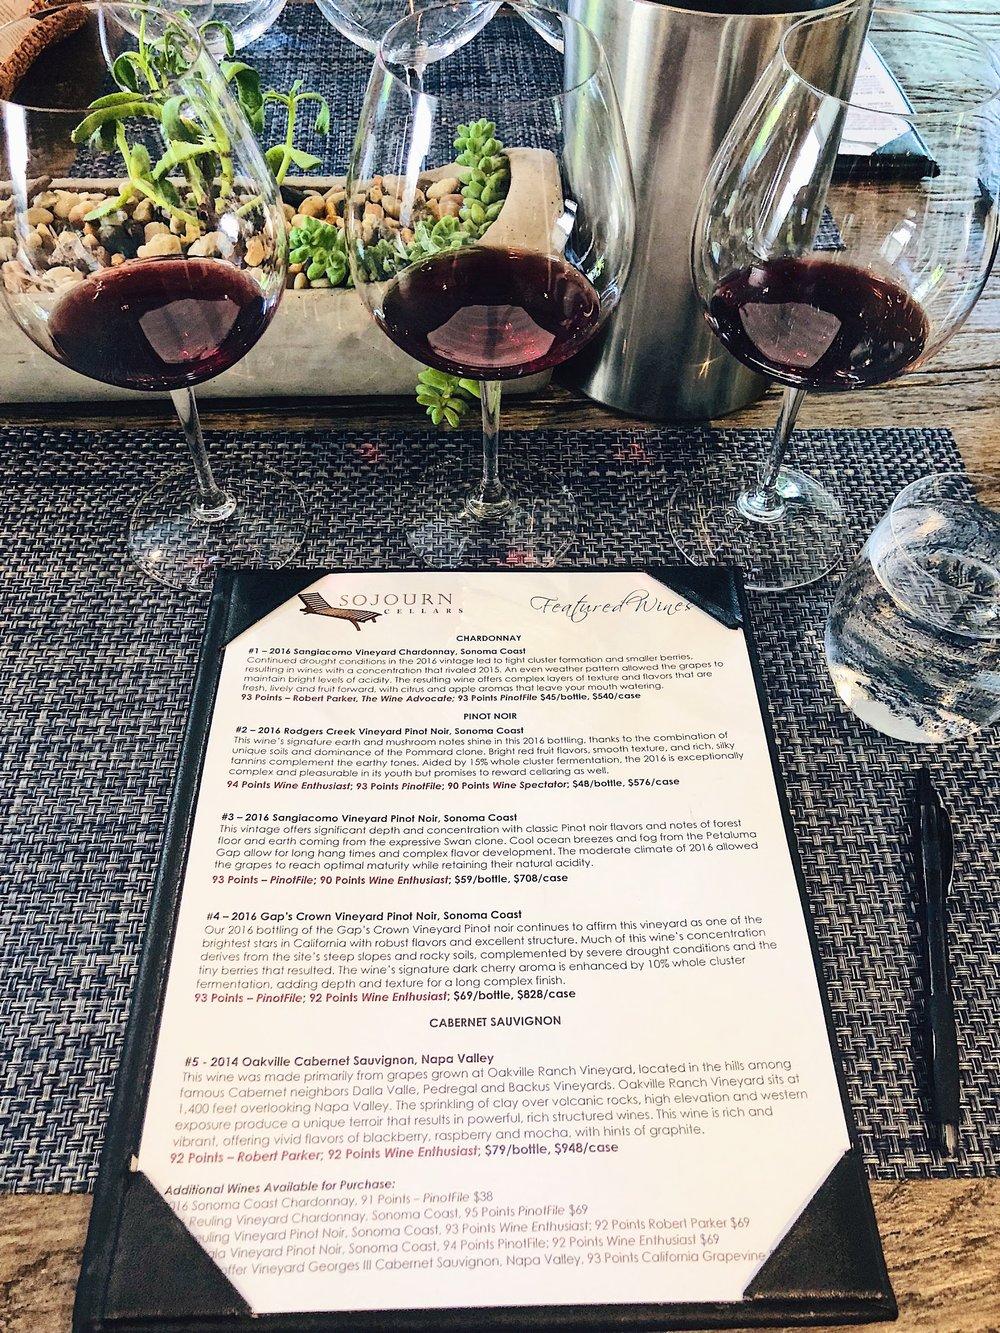 Wine Tasting At Sojourn Cellars